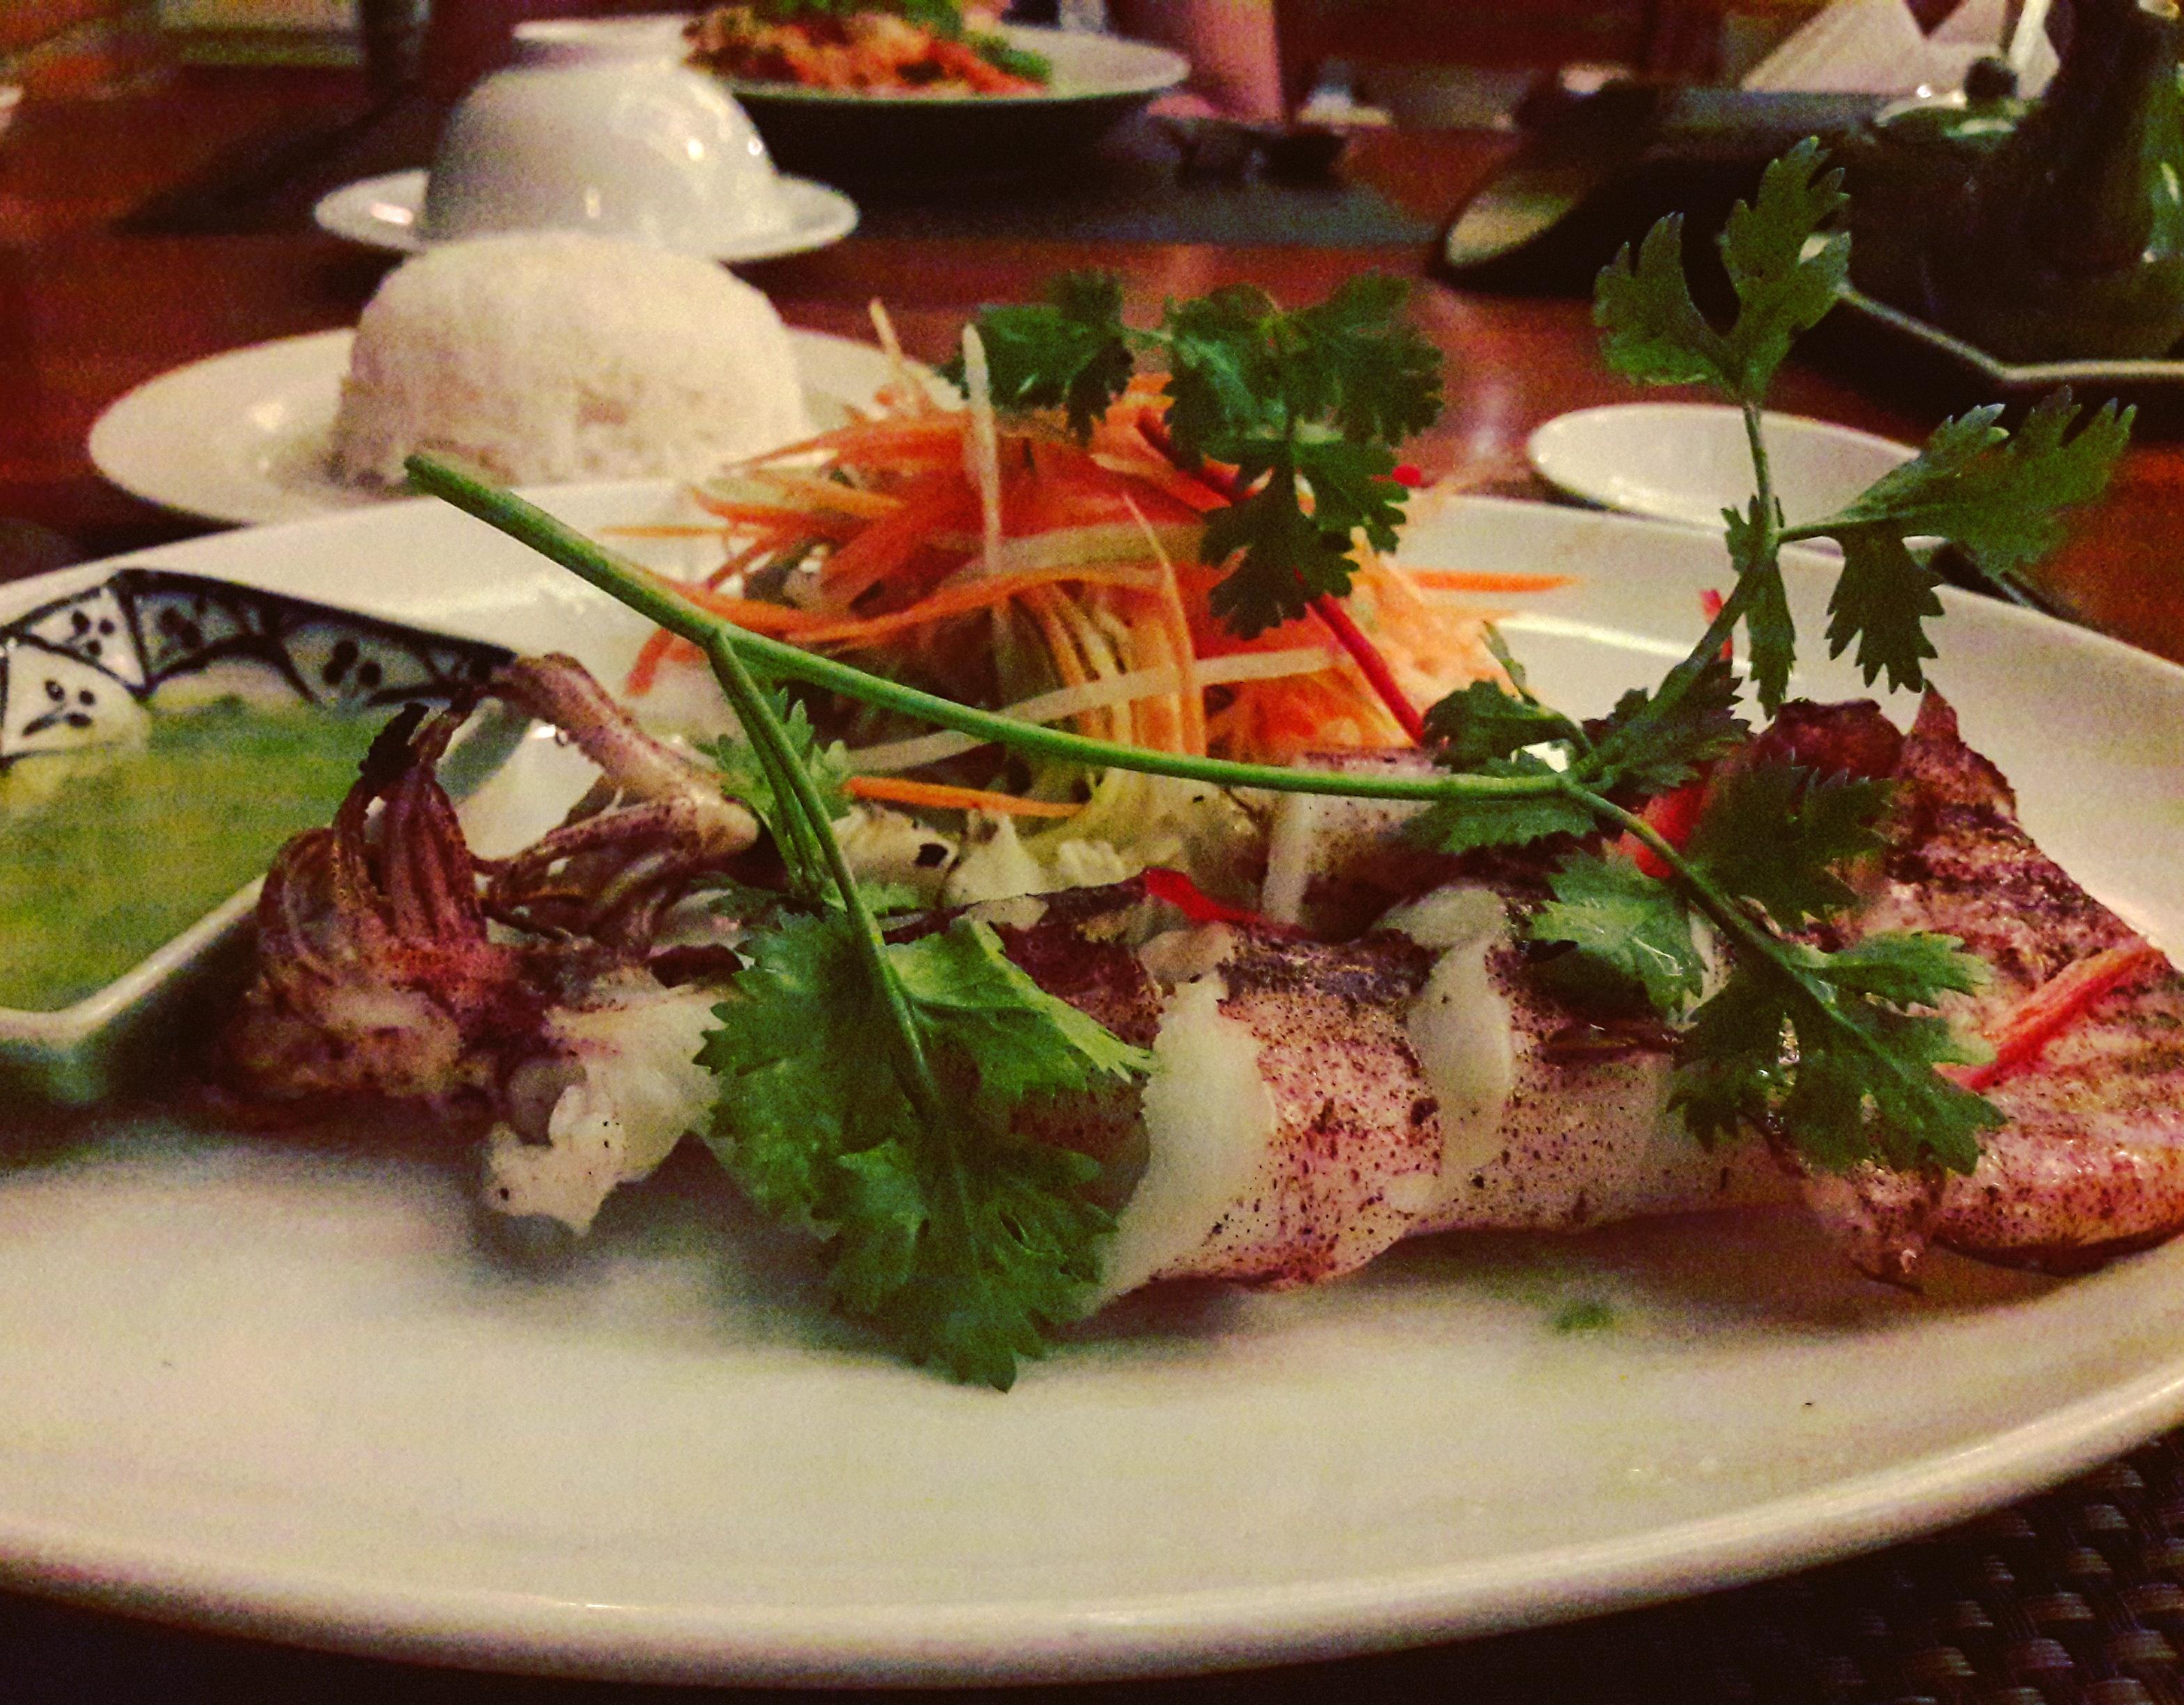 Grillezett friss tintahal gyömbér&répa&chilli salátával, citromfüves-korianderes szósszal - Xin Chao